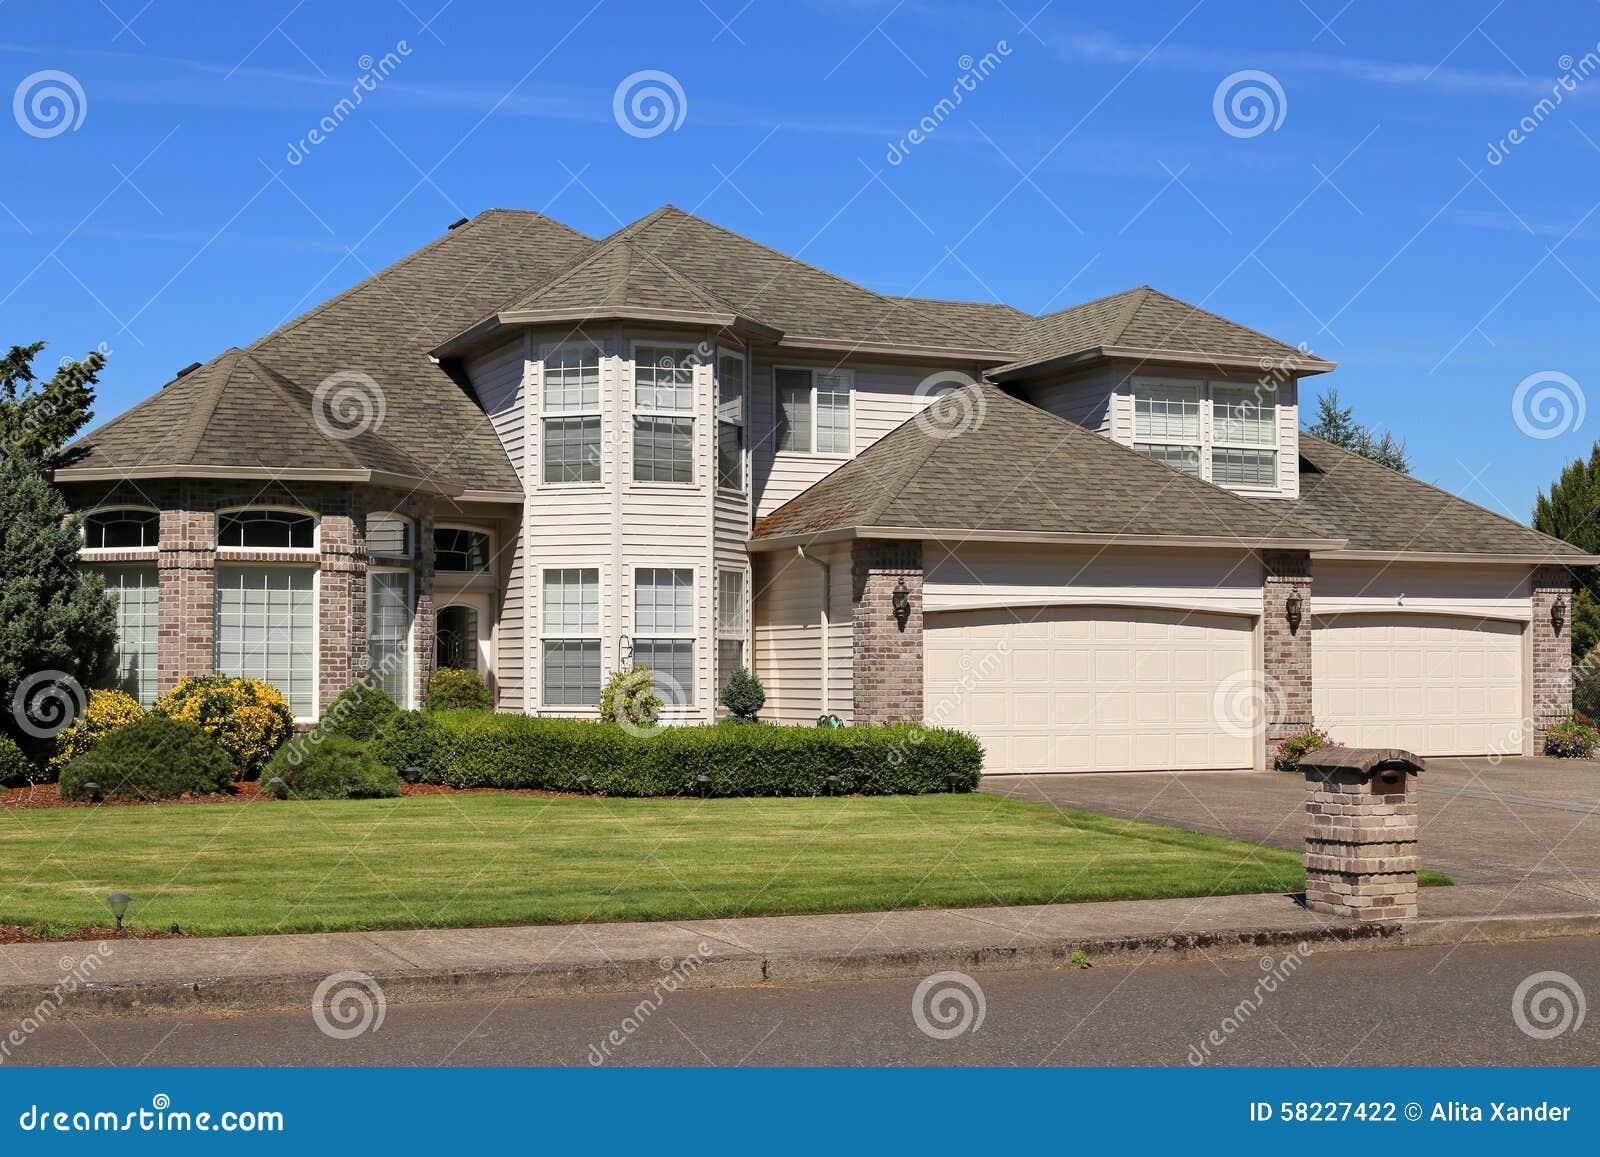 Het mooie huis van de familie stock foto afbeelding 58227422 - Mooie huis foto ...